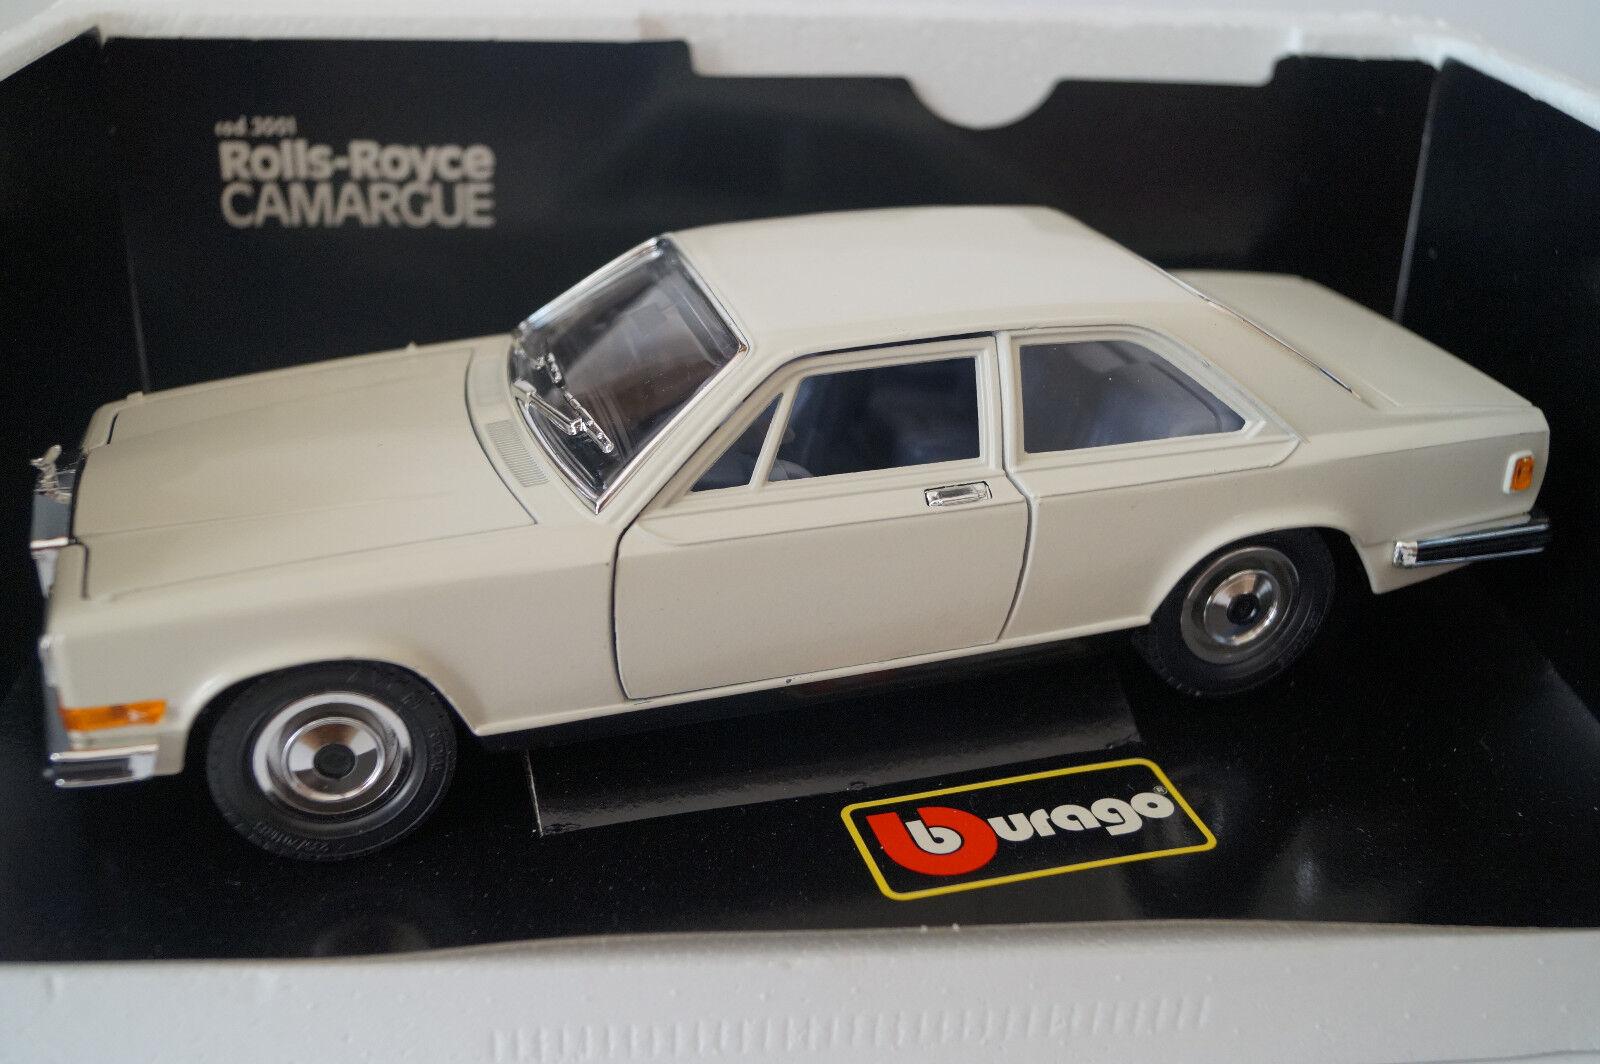 BBURAGO BURAGO voiture  miniature 1 18 1 22 Rolls-Royce Camargue cod. 3001  dans neuf dans sa boîte   les clients d'abord la réputation d'abord